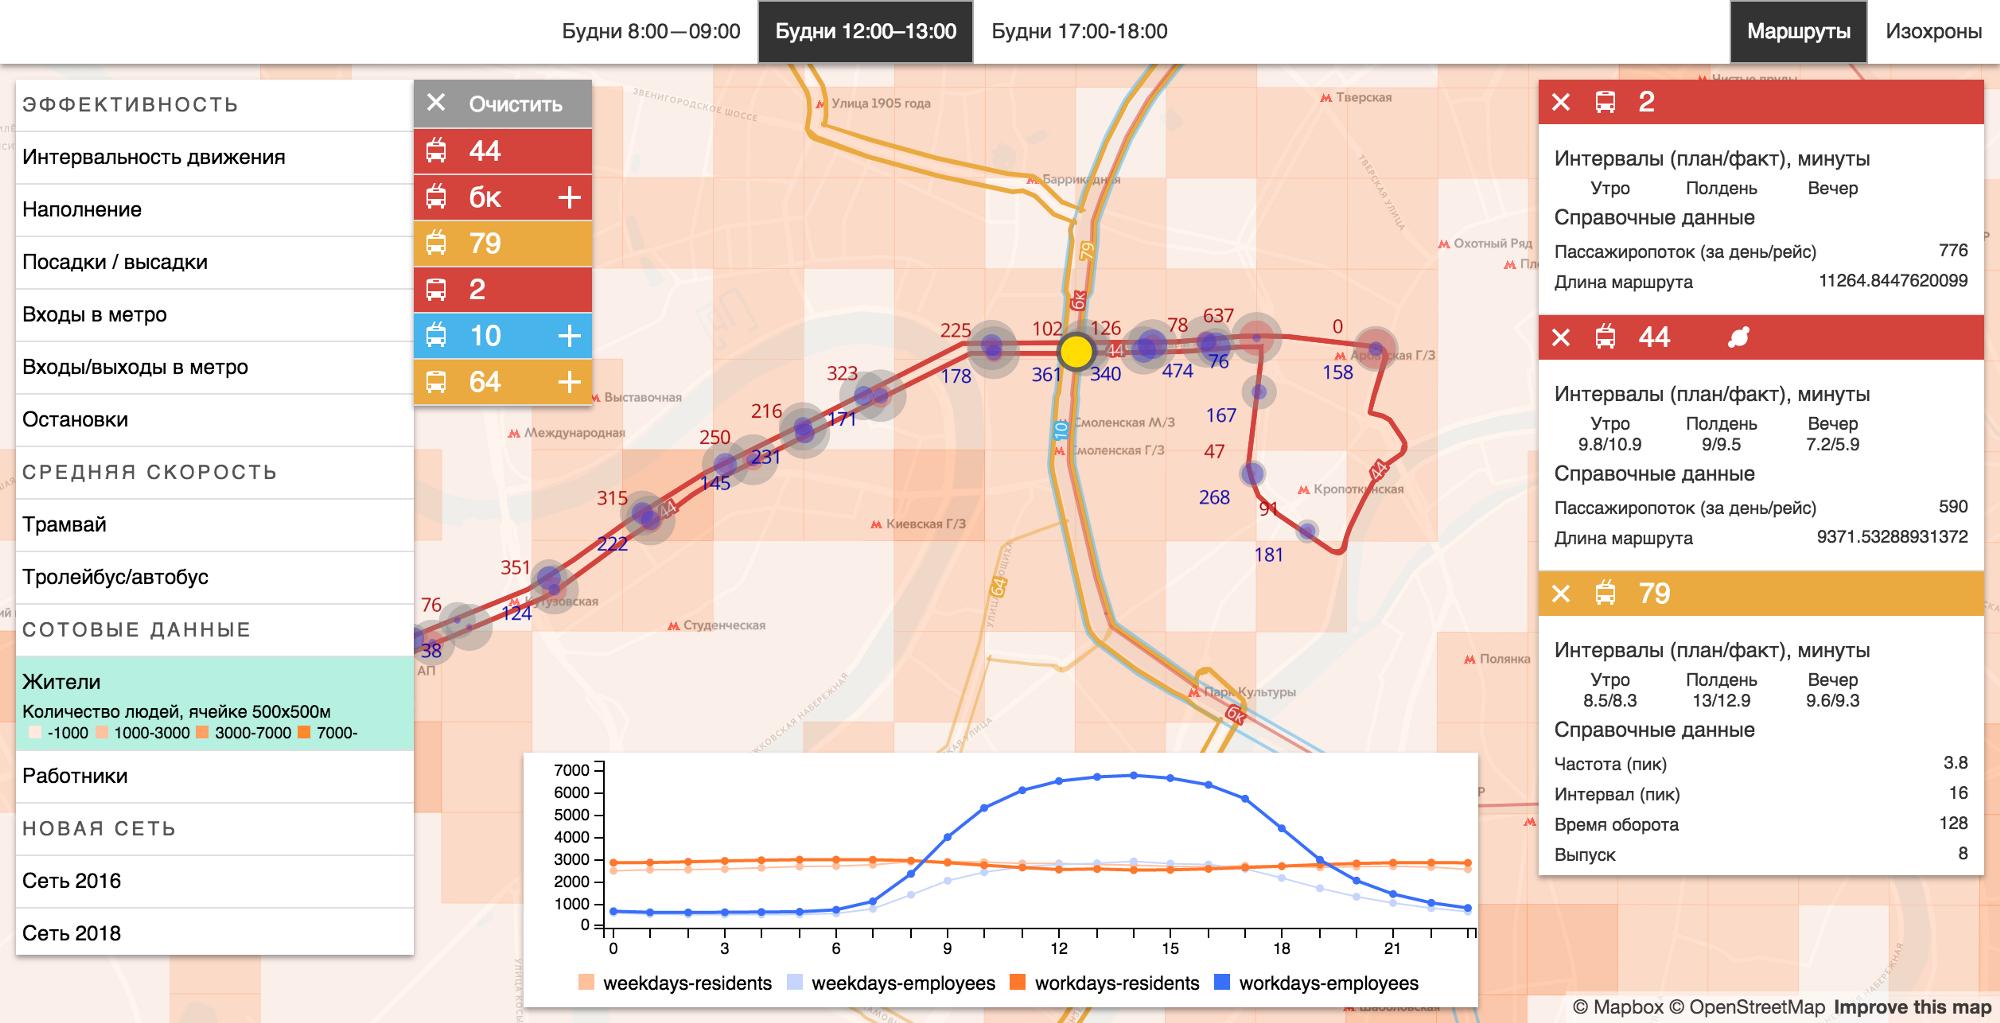 Дизайн города, основанный на данных - 3